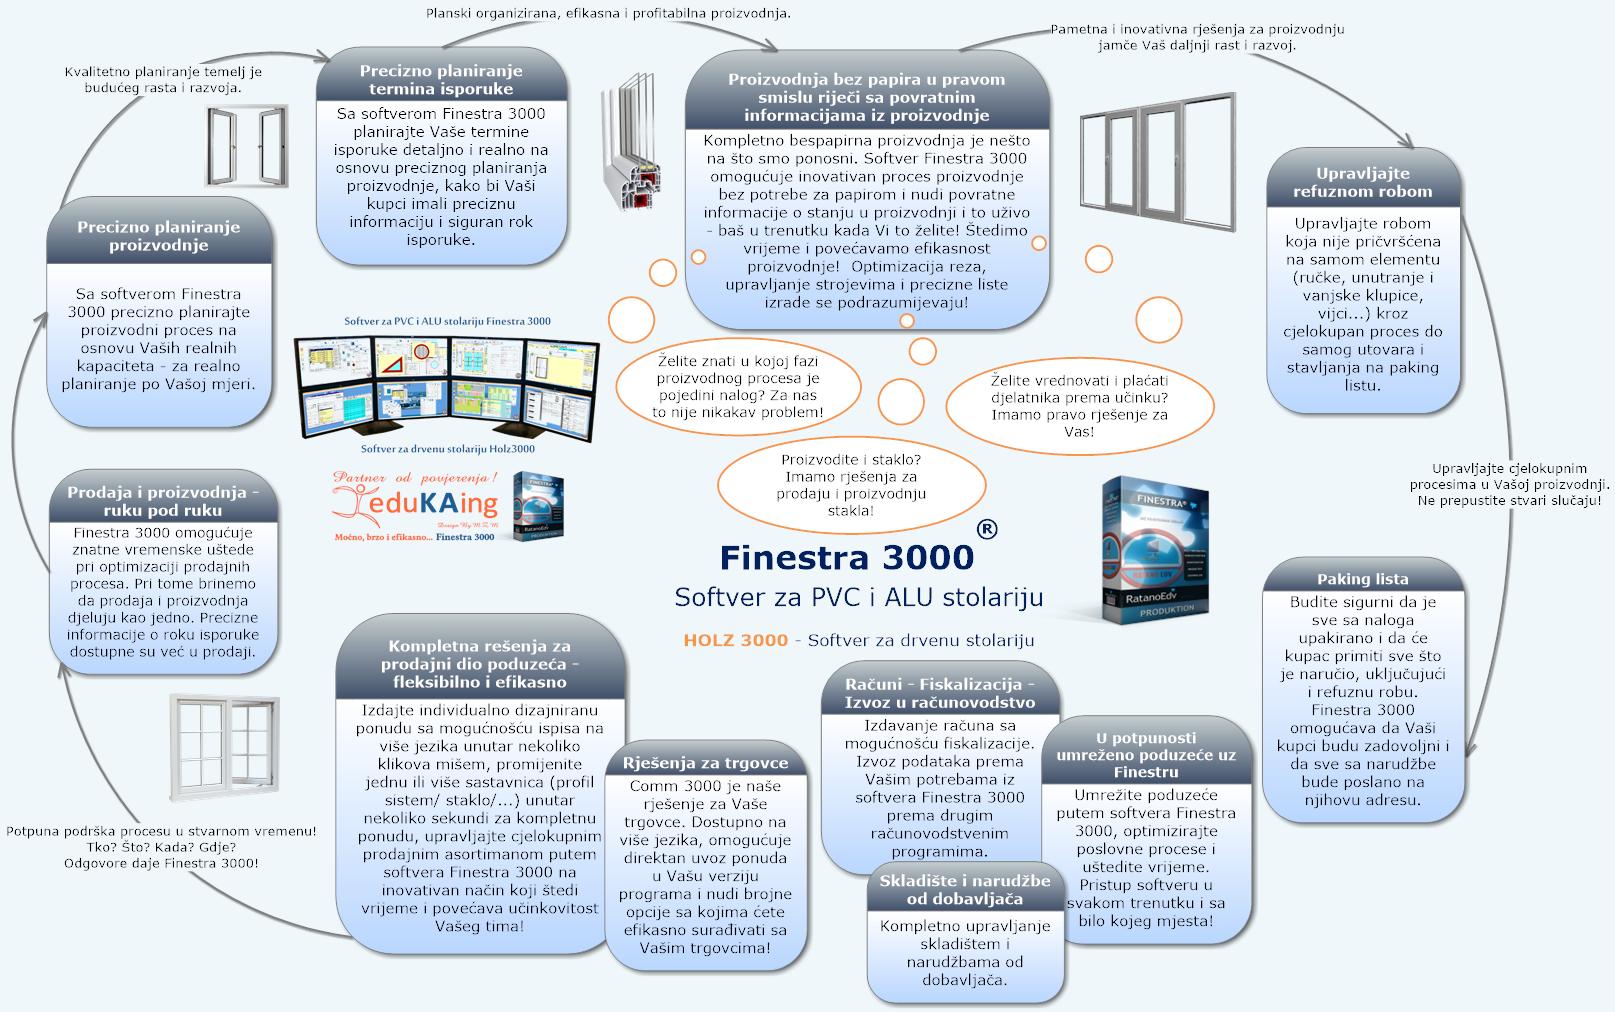 Softver za PVC, ALU i drvenu stolariju